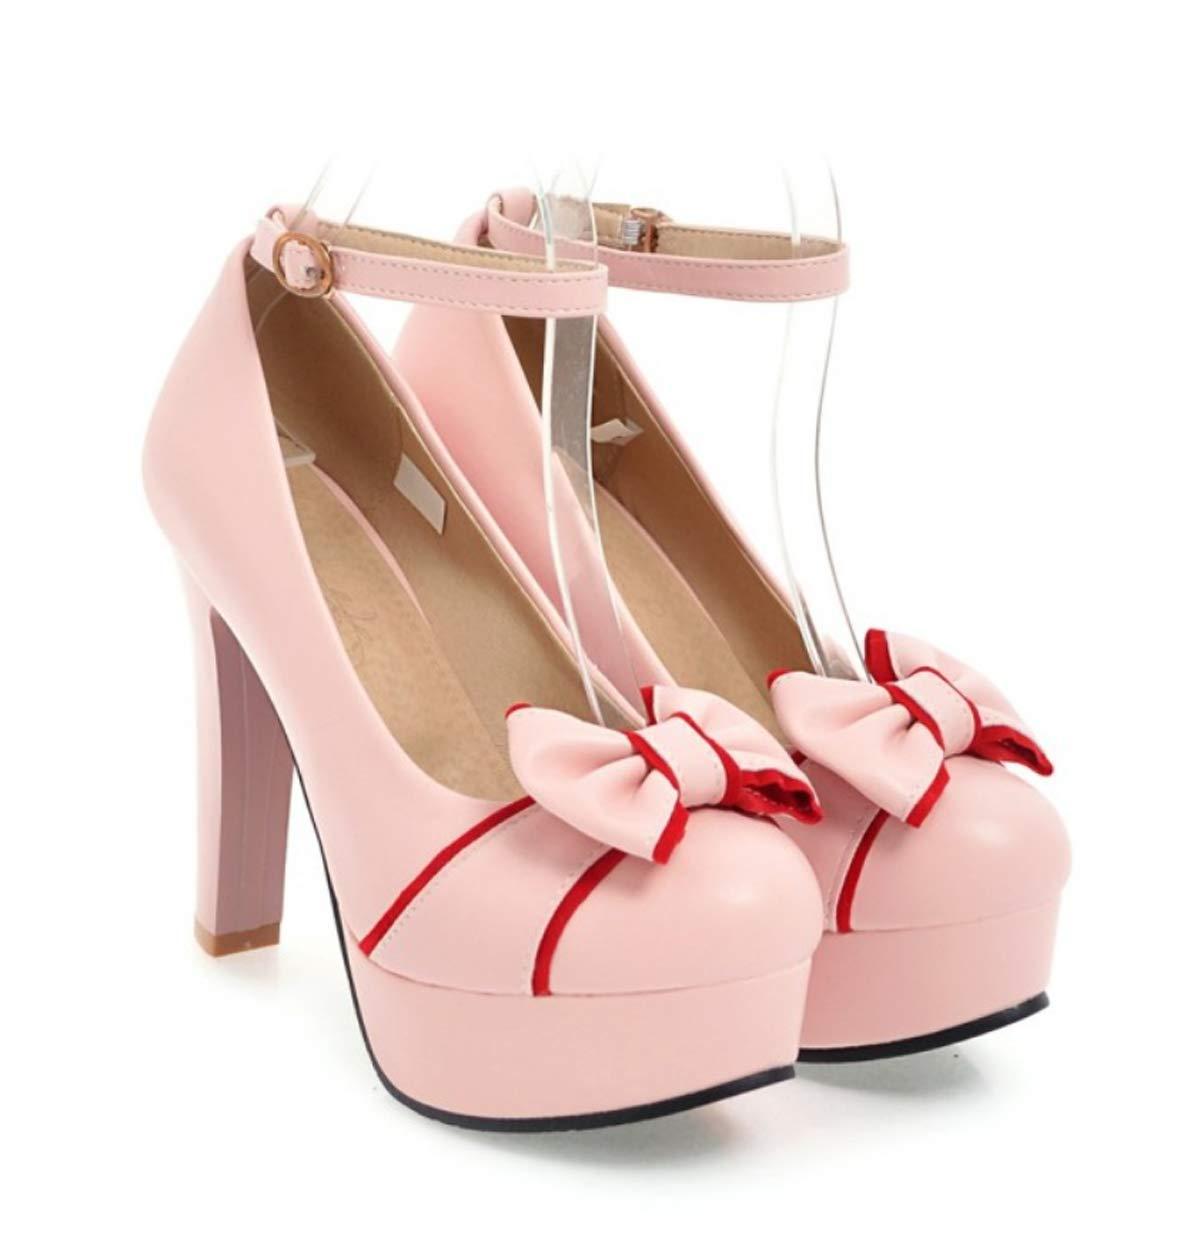 HBDLH Damenschuhe/Im Frühjahr 12Cm High Heels Einzelne Schuhe Süß Bogen Grob und Flach Faltet Die Damenschuhe.